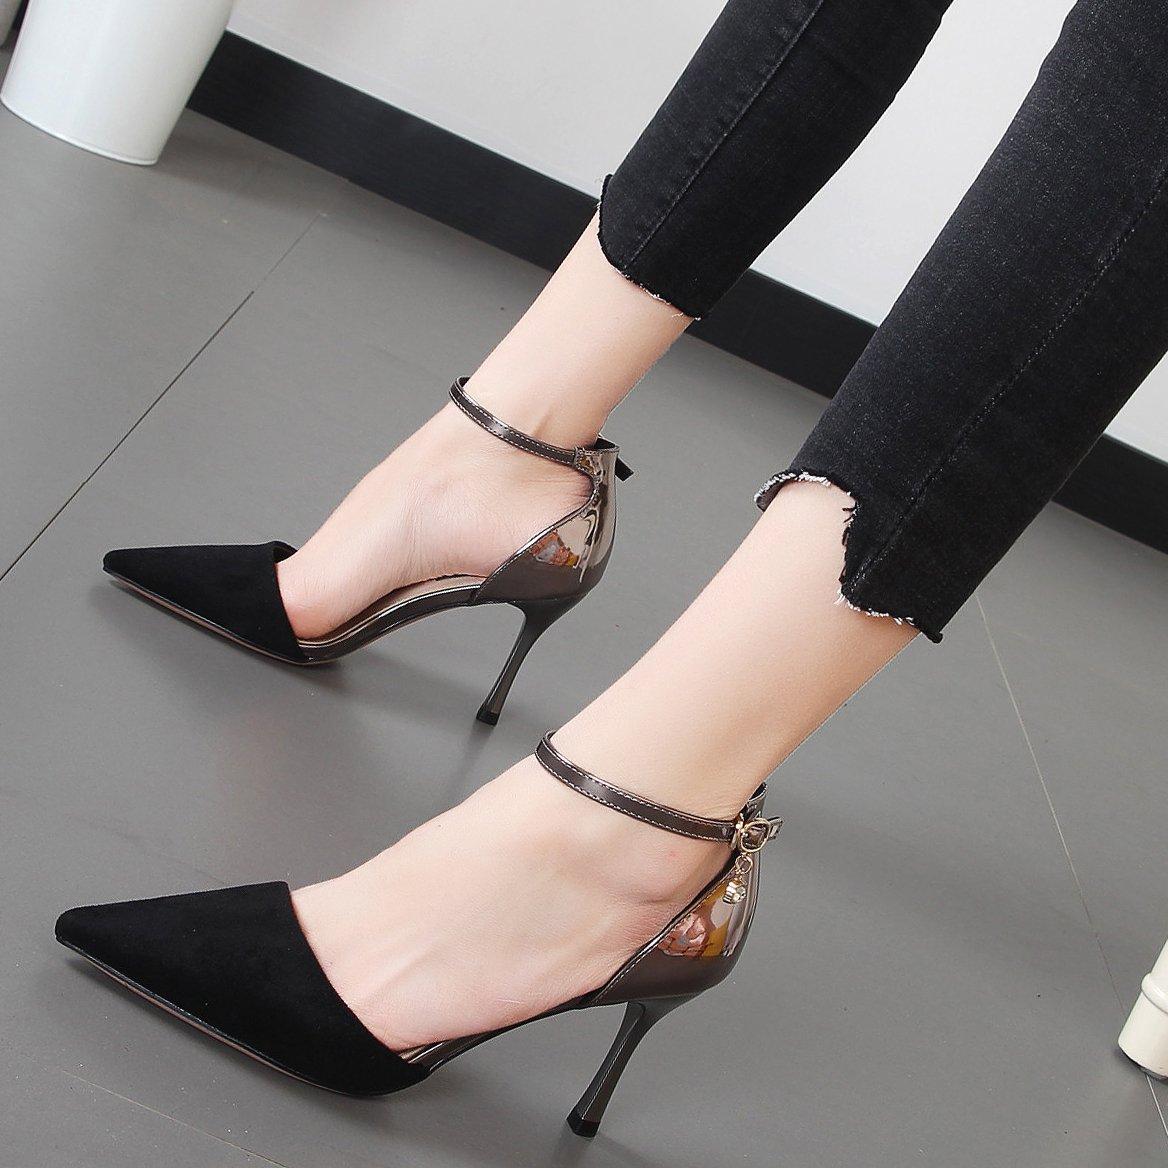 Xue Qiqi Qiqi Qiqi hohe hingewiesen - Schuhe für Frauen des Wortes Schreibweisen elegante Schuhe Halbschuhe mit single Tide a91bf6